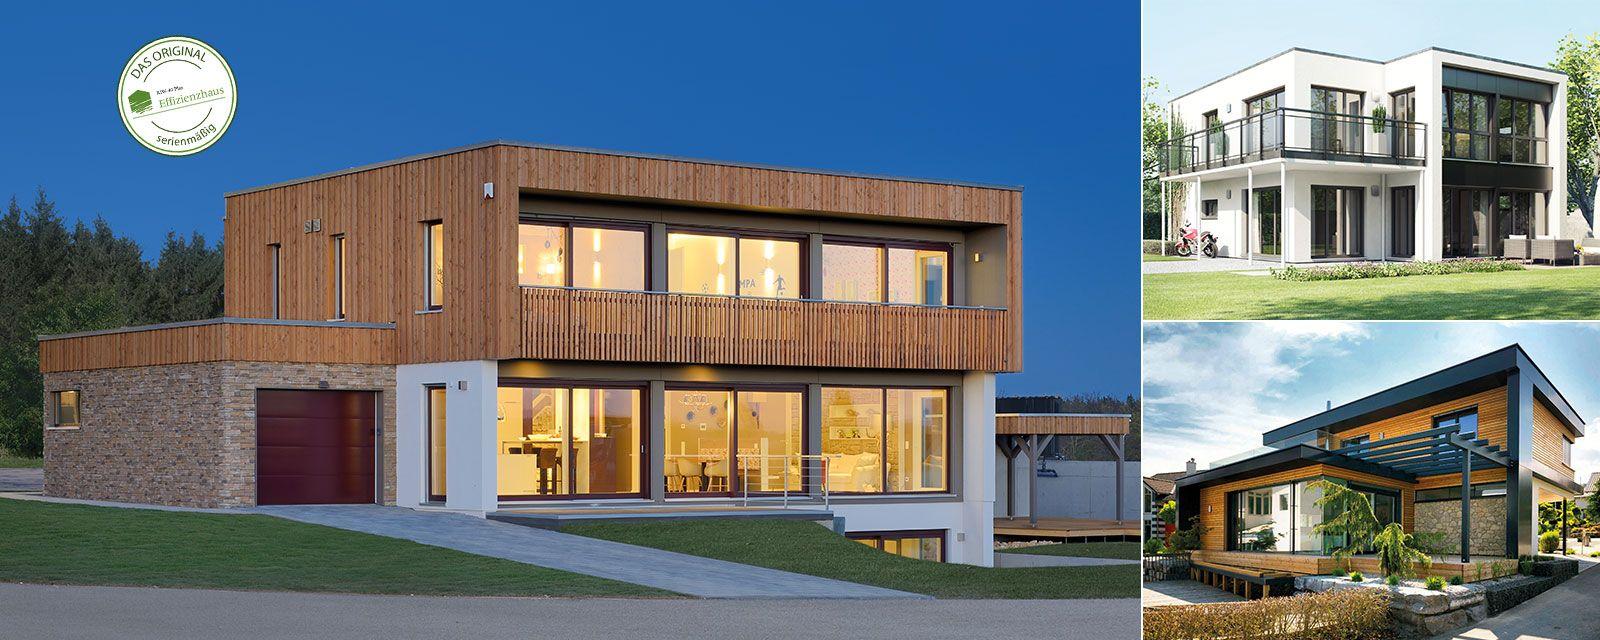 Fertighaus Bauen Haus außendesign ...